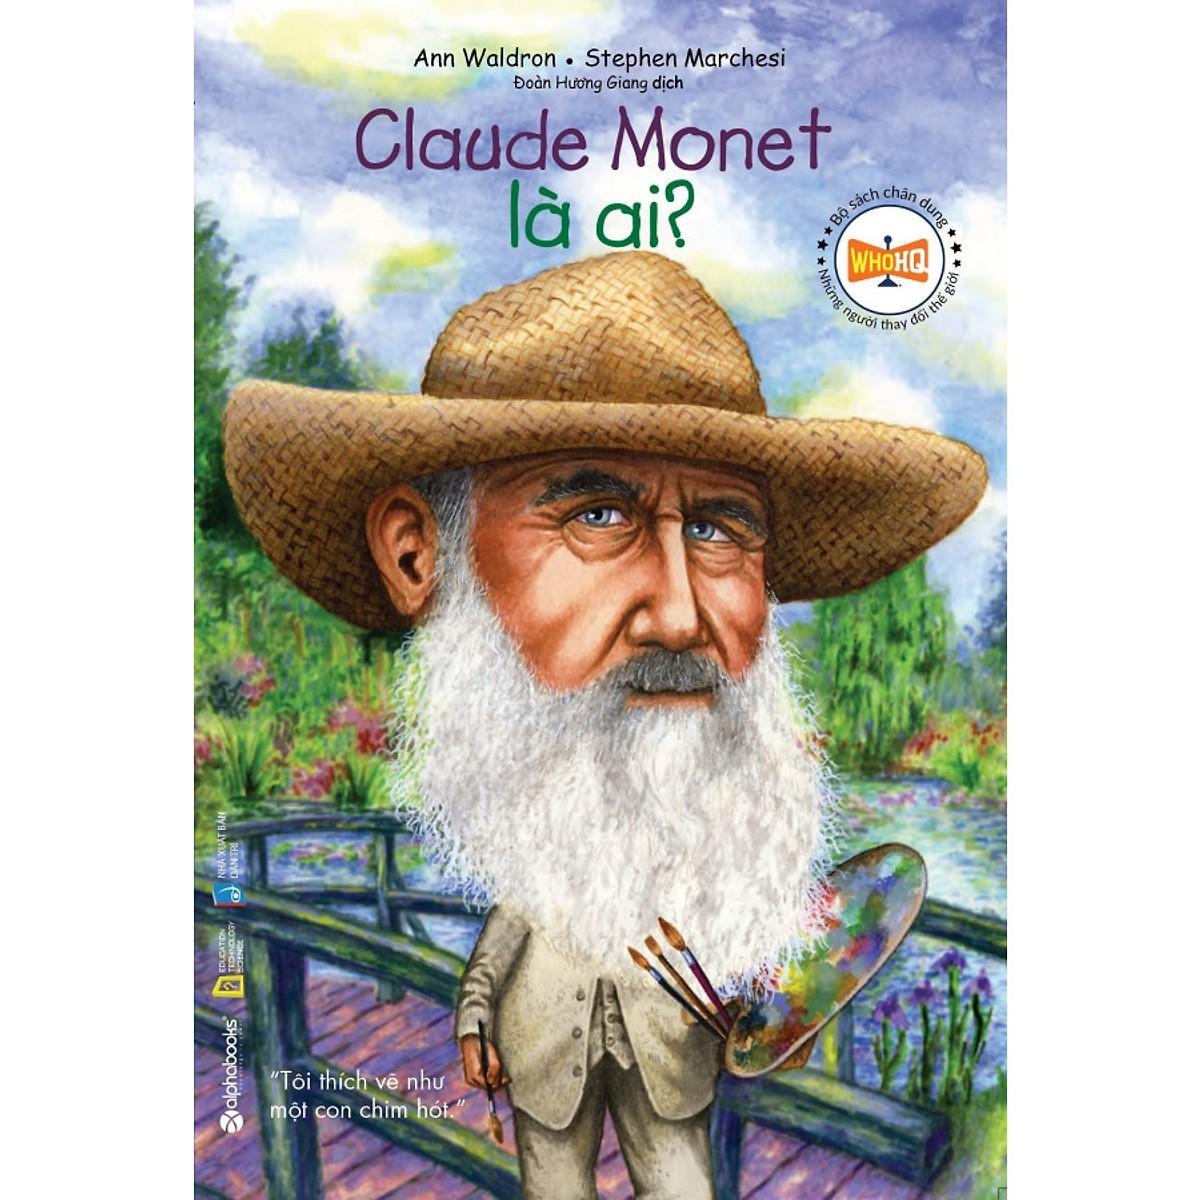 Mua Sách-Bộ sách chân dung những người thay đổi thế giới-Claude Monet là ai?